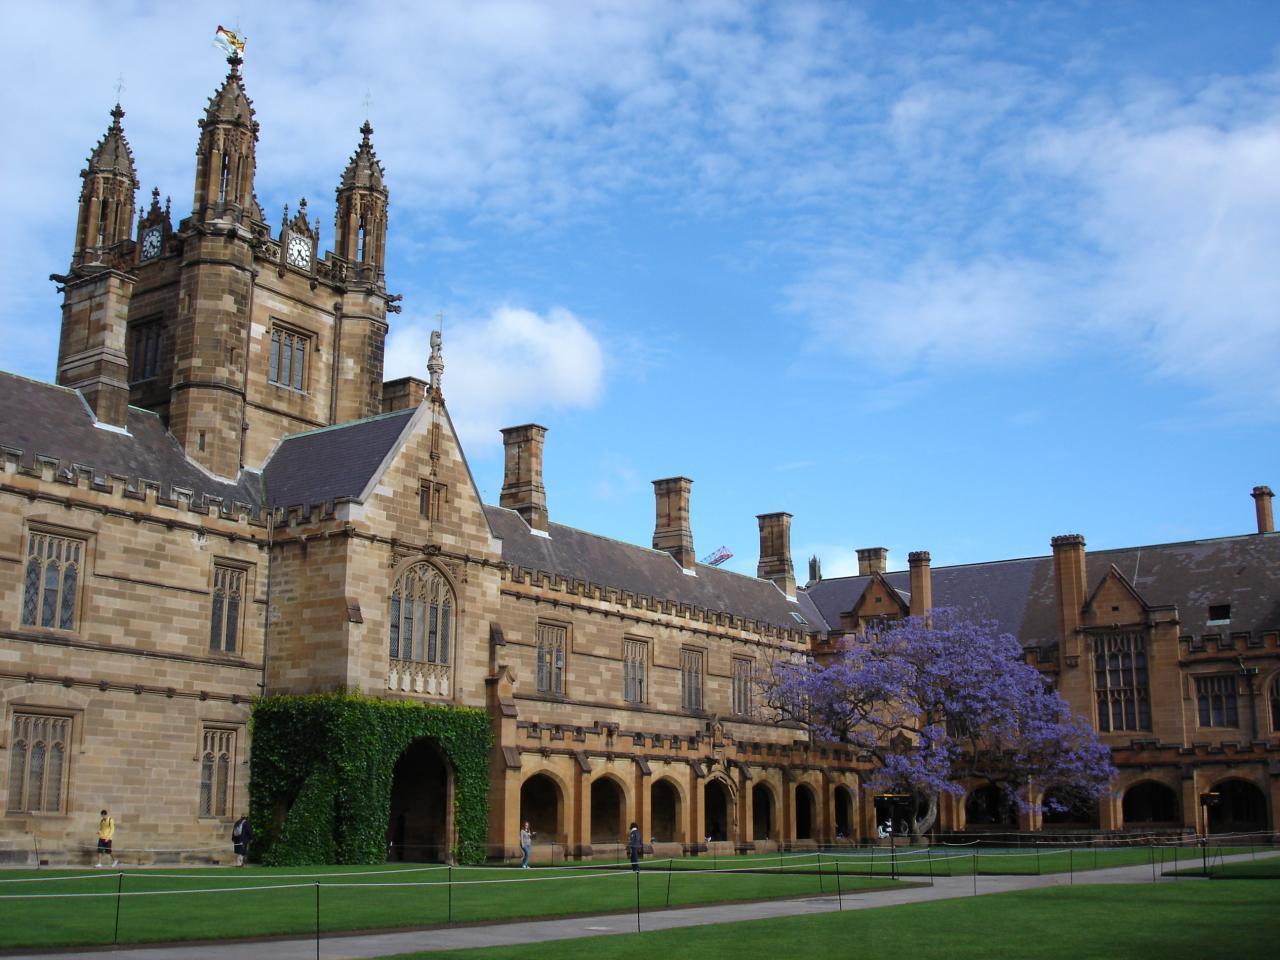 زیباترین دانشگاههای استرالیا را بشناسید